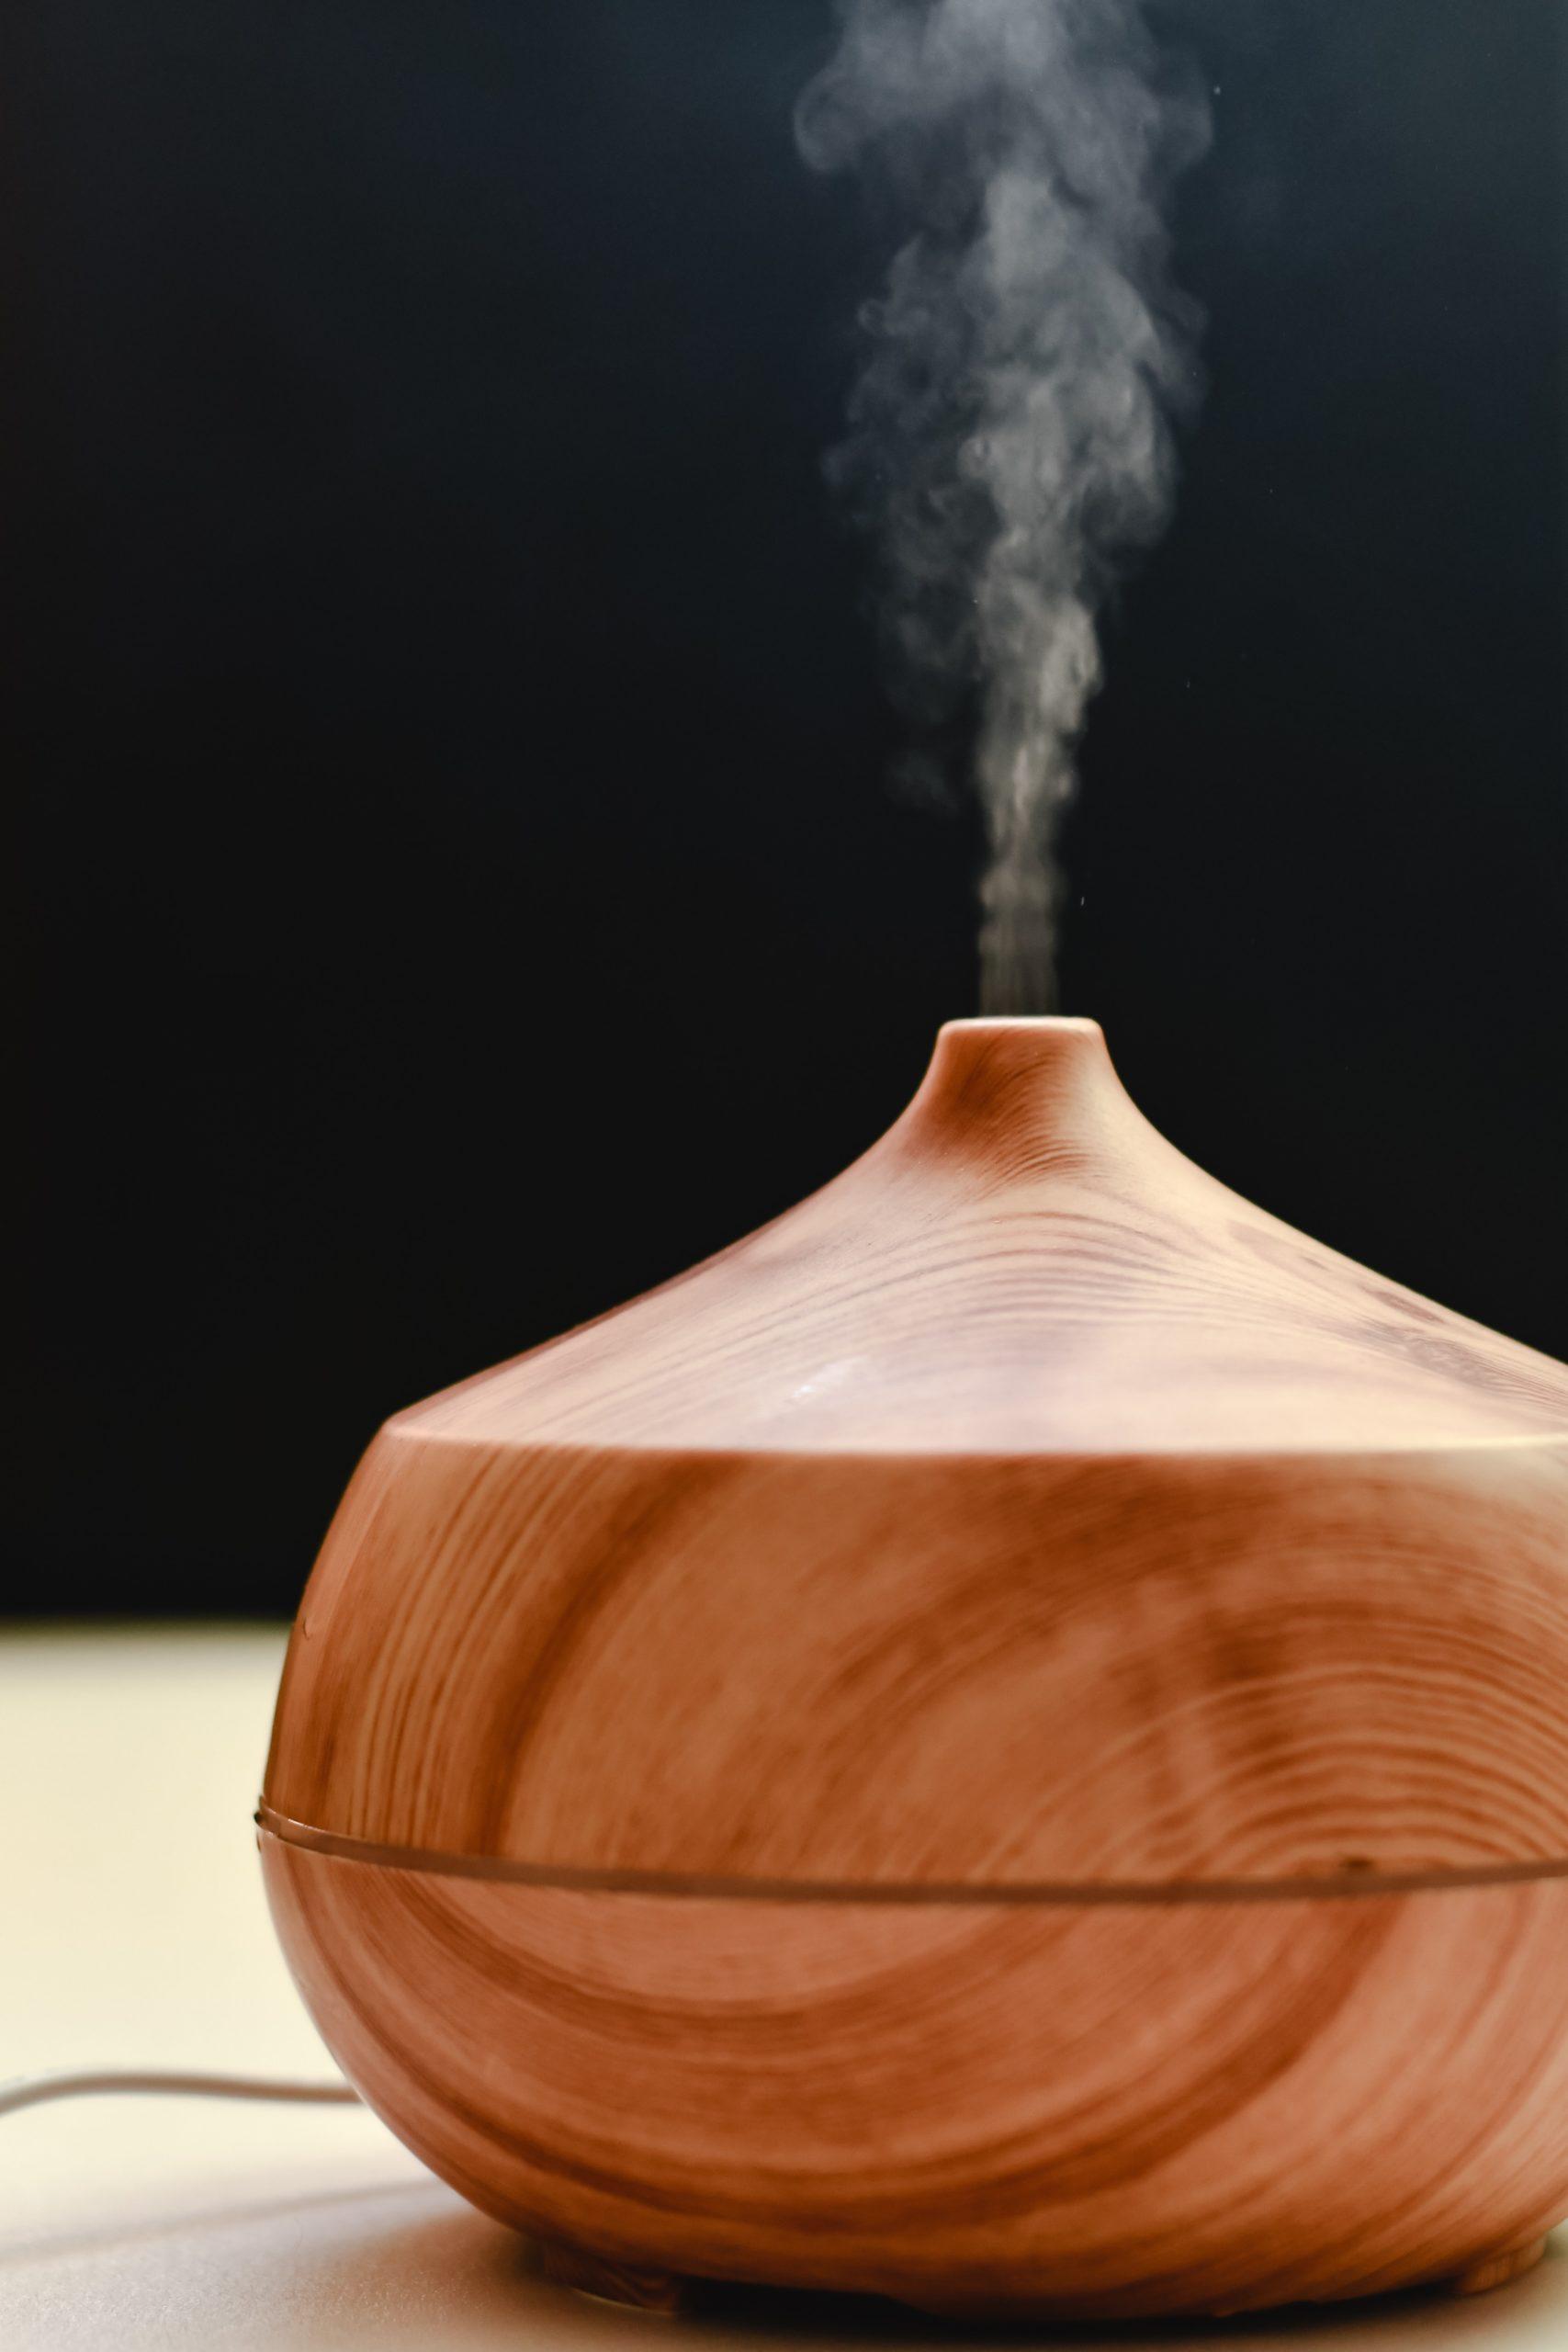 Diffuseur ultrasonique d'huiles essentielles pour bénéficier d'une diffusion douce des huiles essentielles.